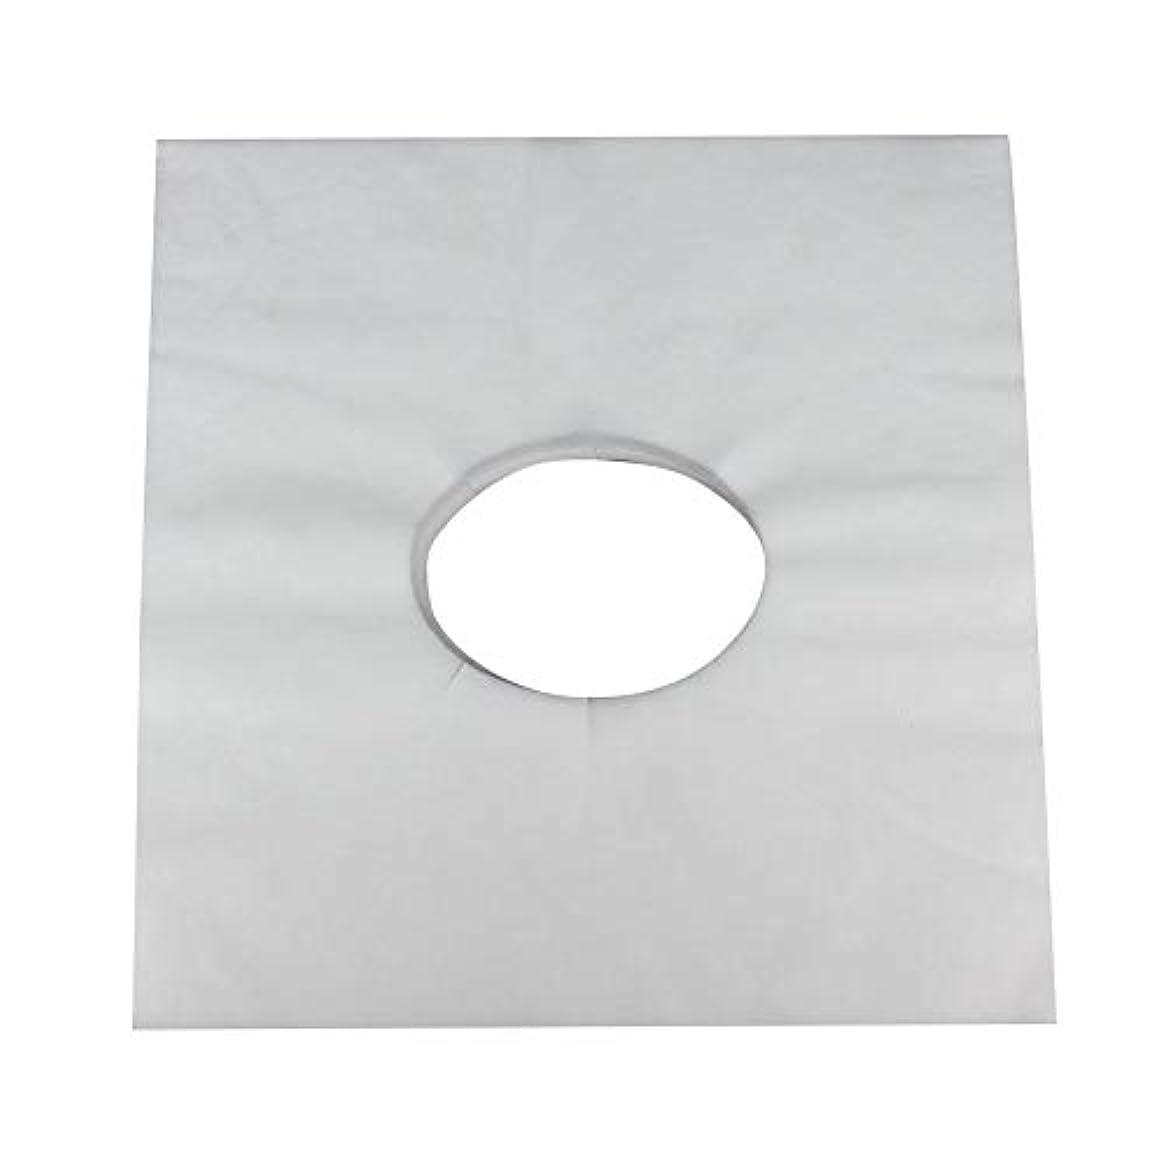 法令悲しみずらすマッサージのための使い捨て可能な美容院のベッドの表面穴カバー不織布マッサージテーブル枕カバー、100個(白)